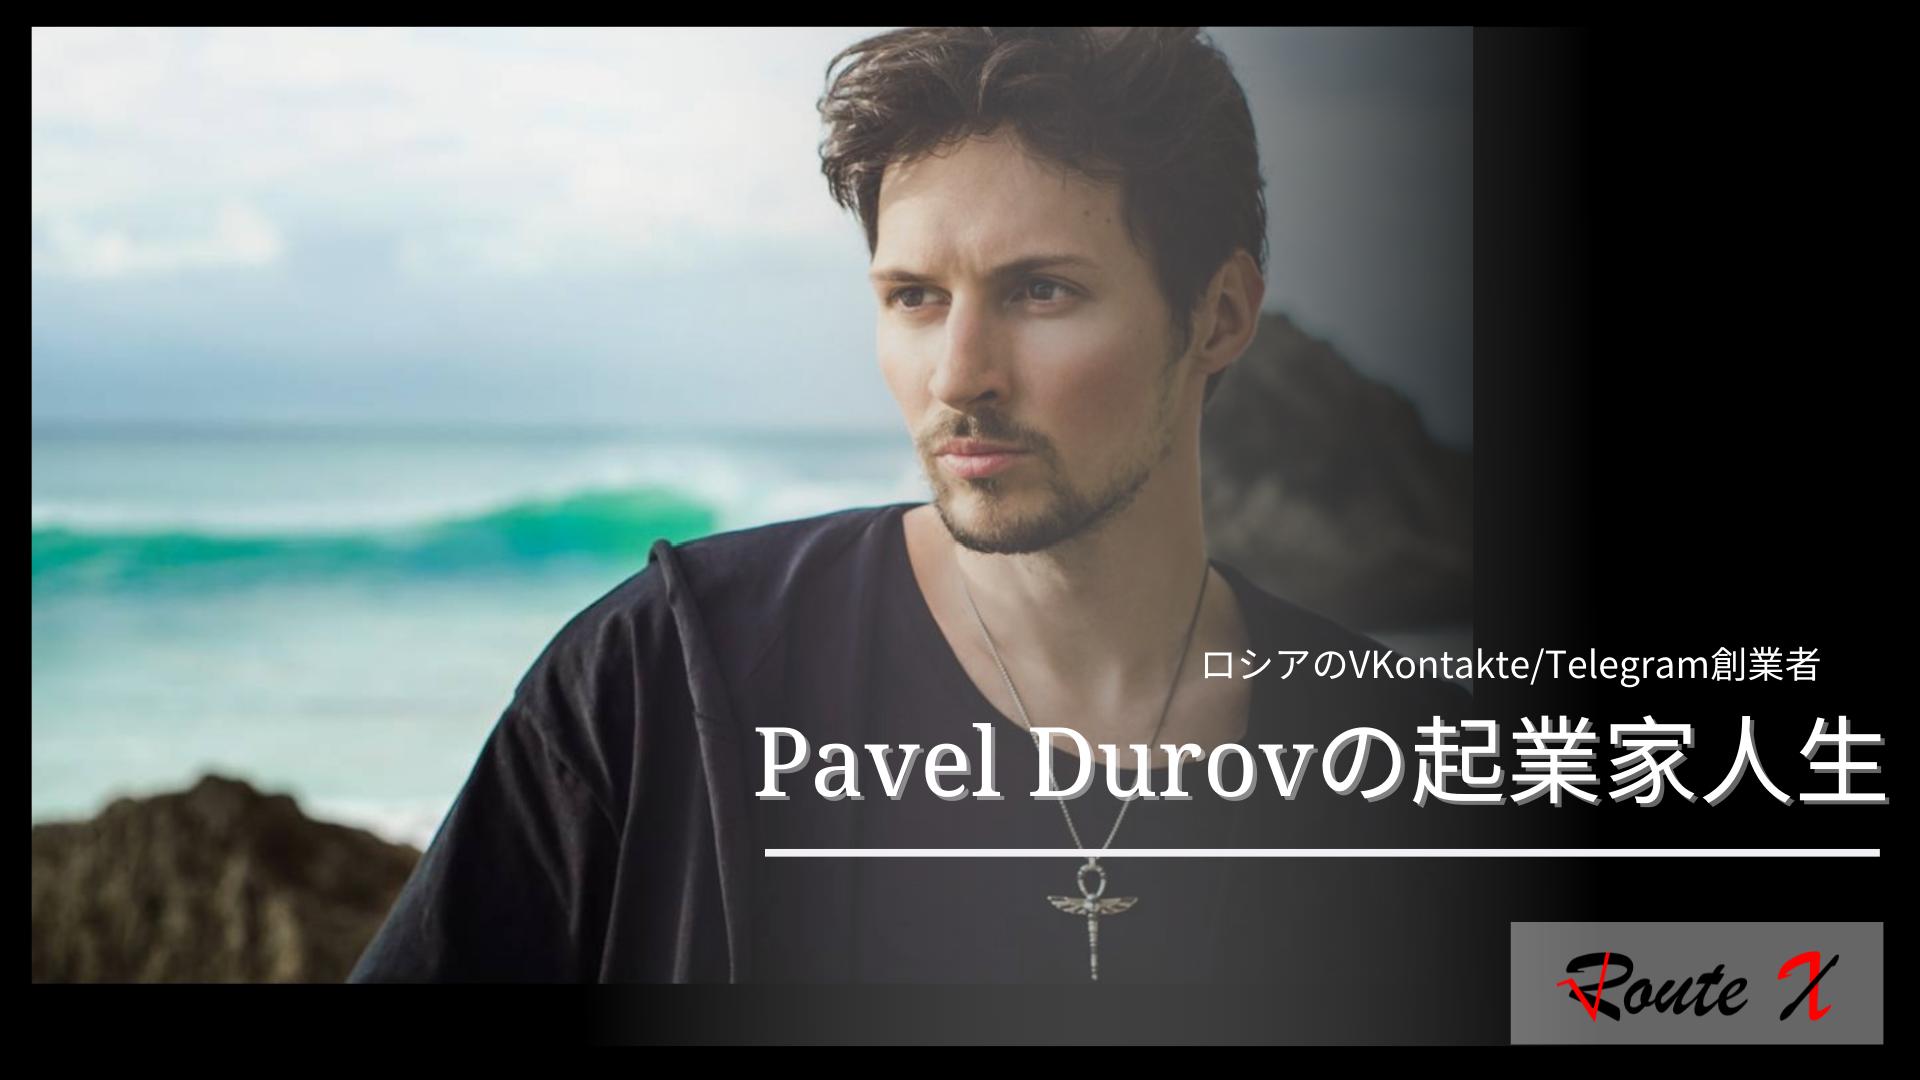 ロシアのVKontakte/Telegram創業者Pavel Durov(パヴェル・ドゥーロフ)の起業家人生